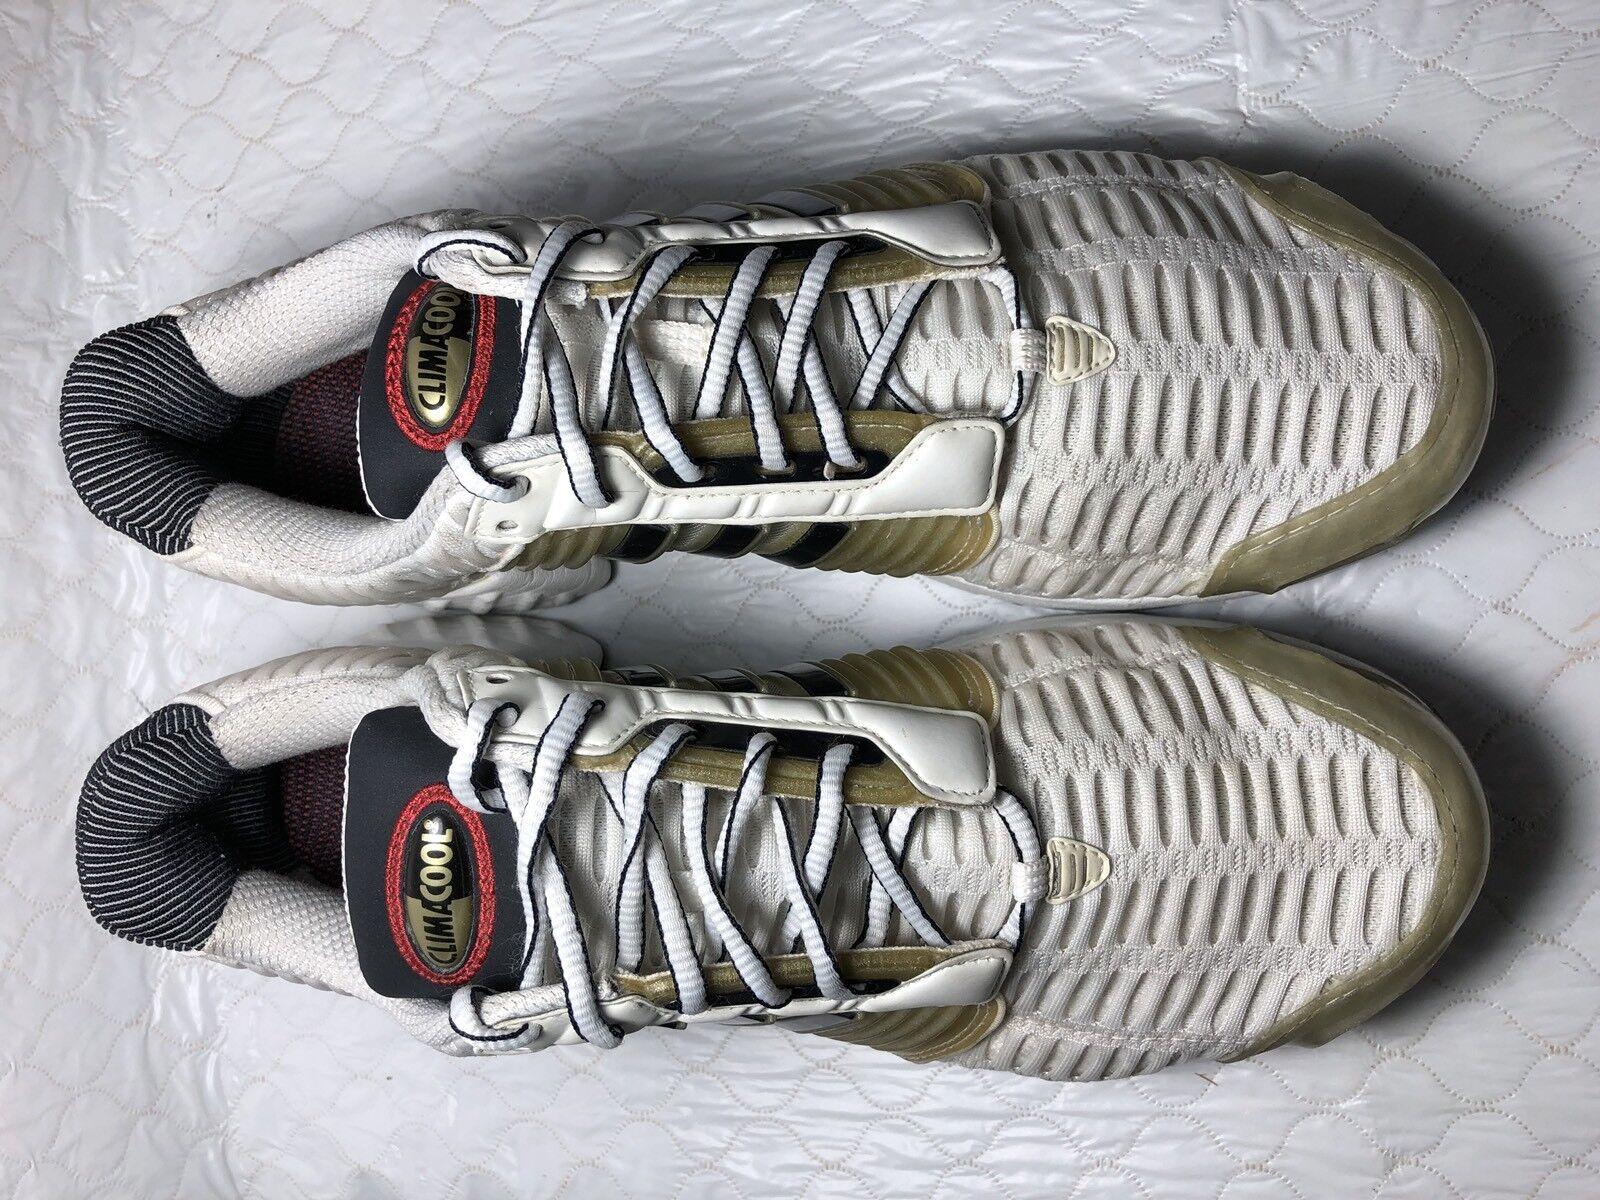 adidas - aduprene cool schnürschuhe männer weiße aduprene - size-10 456420